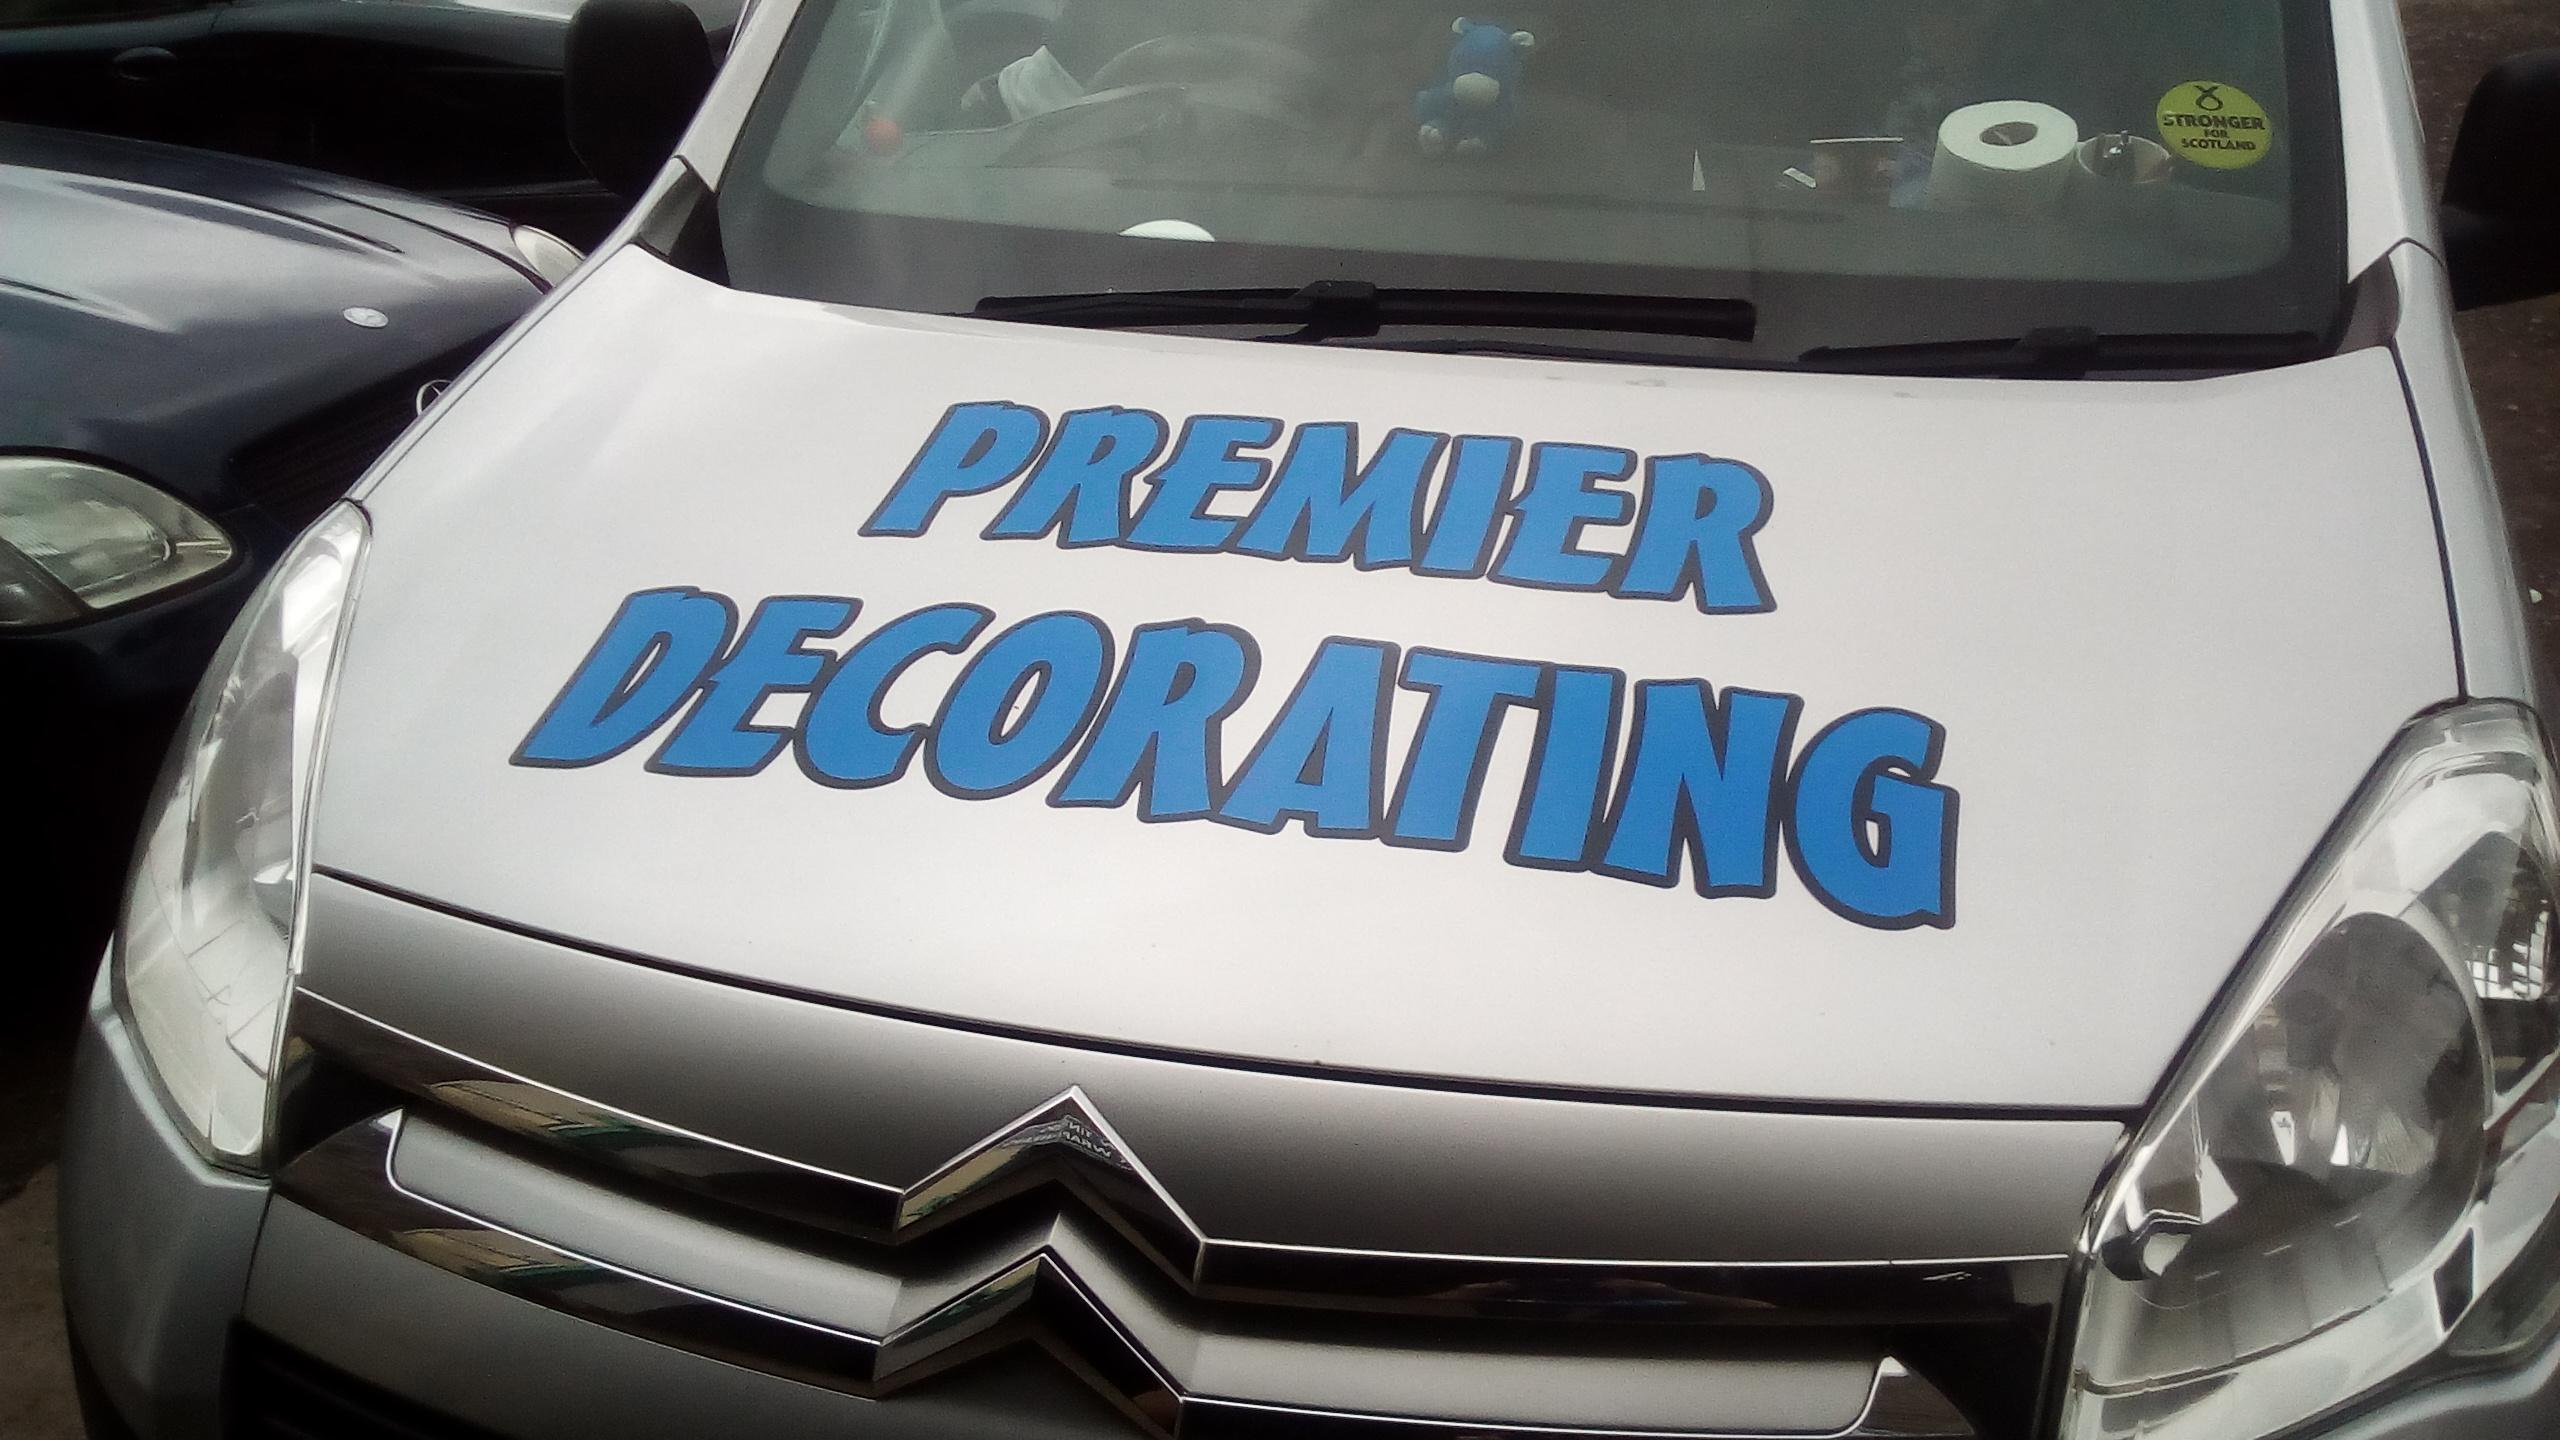 Premiers Decorators Bonnet